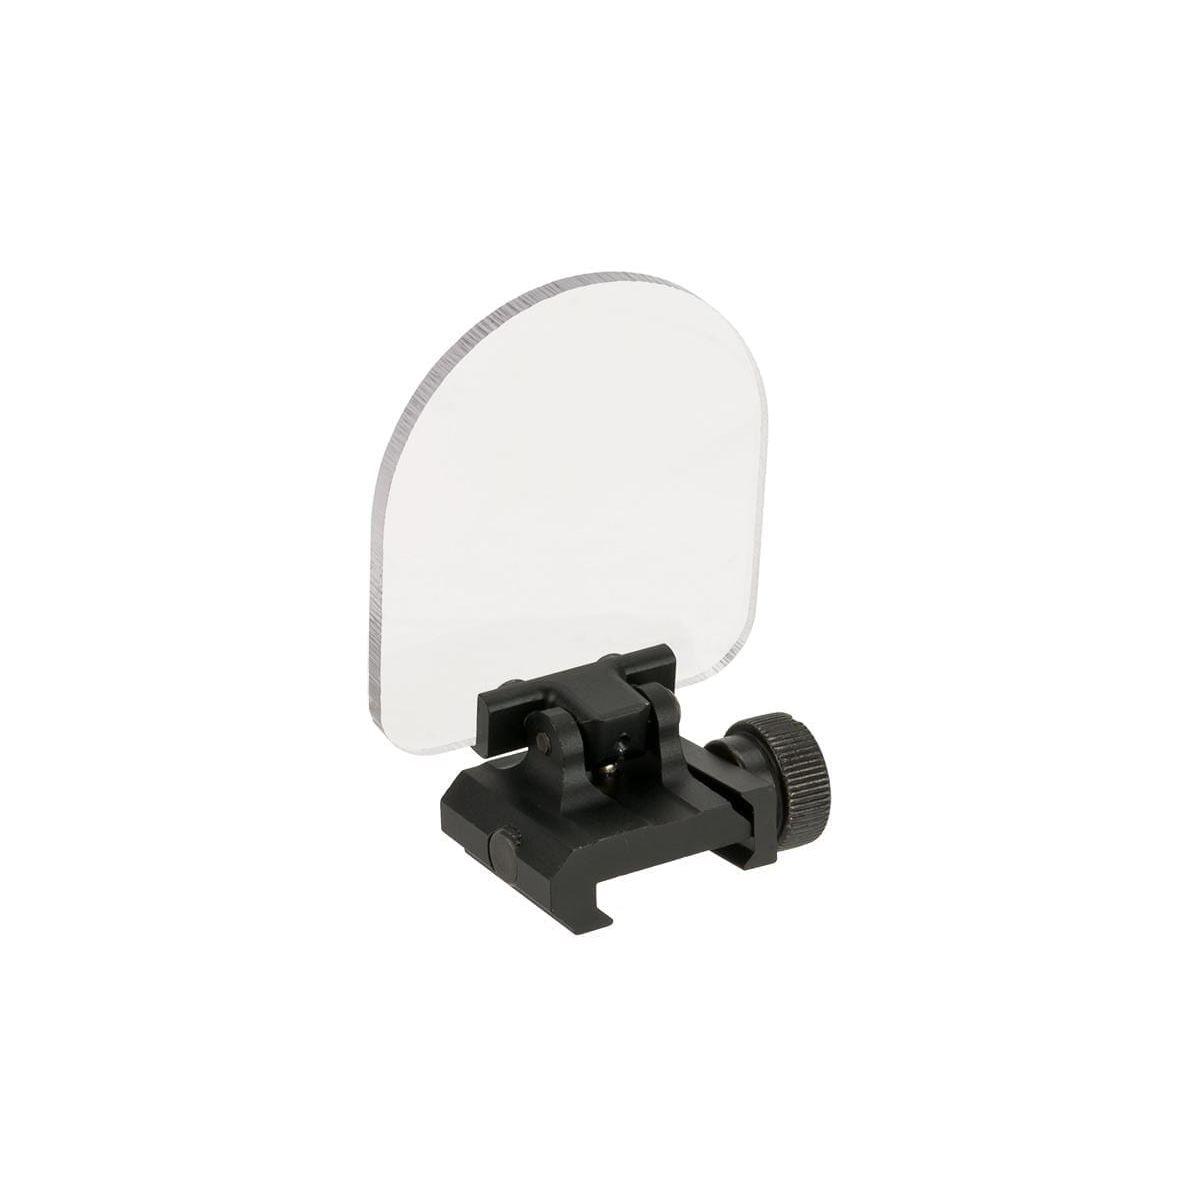 lens matrix shield protector black